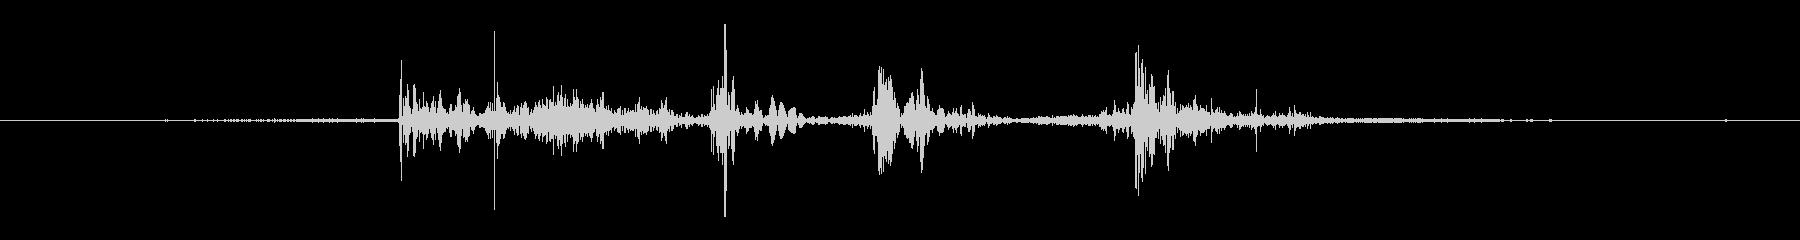 ボディーヒットアンドシャッツオンダートの未再生の波形